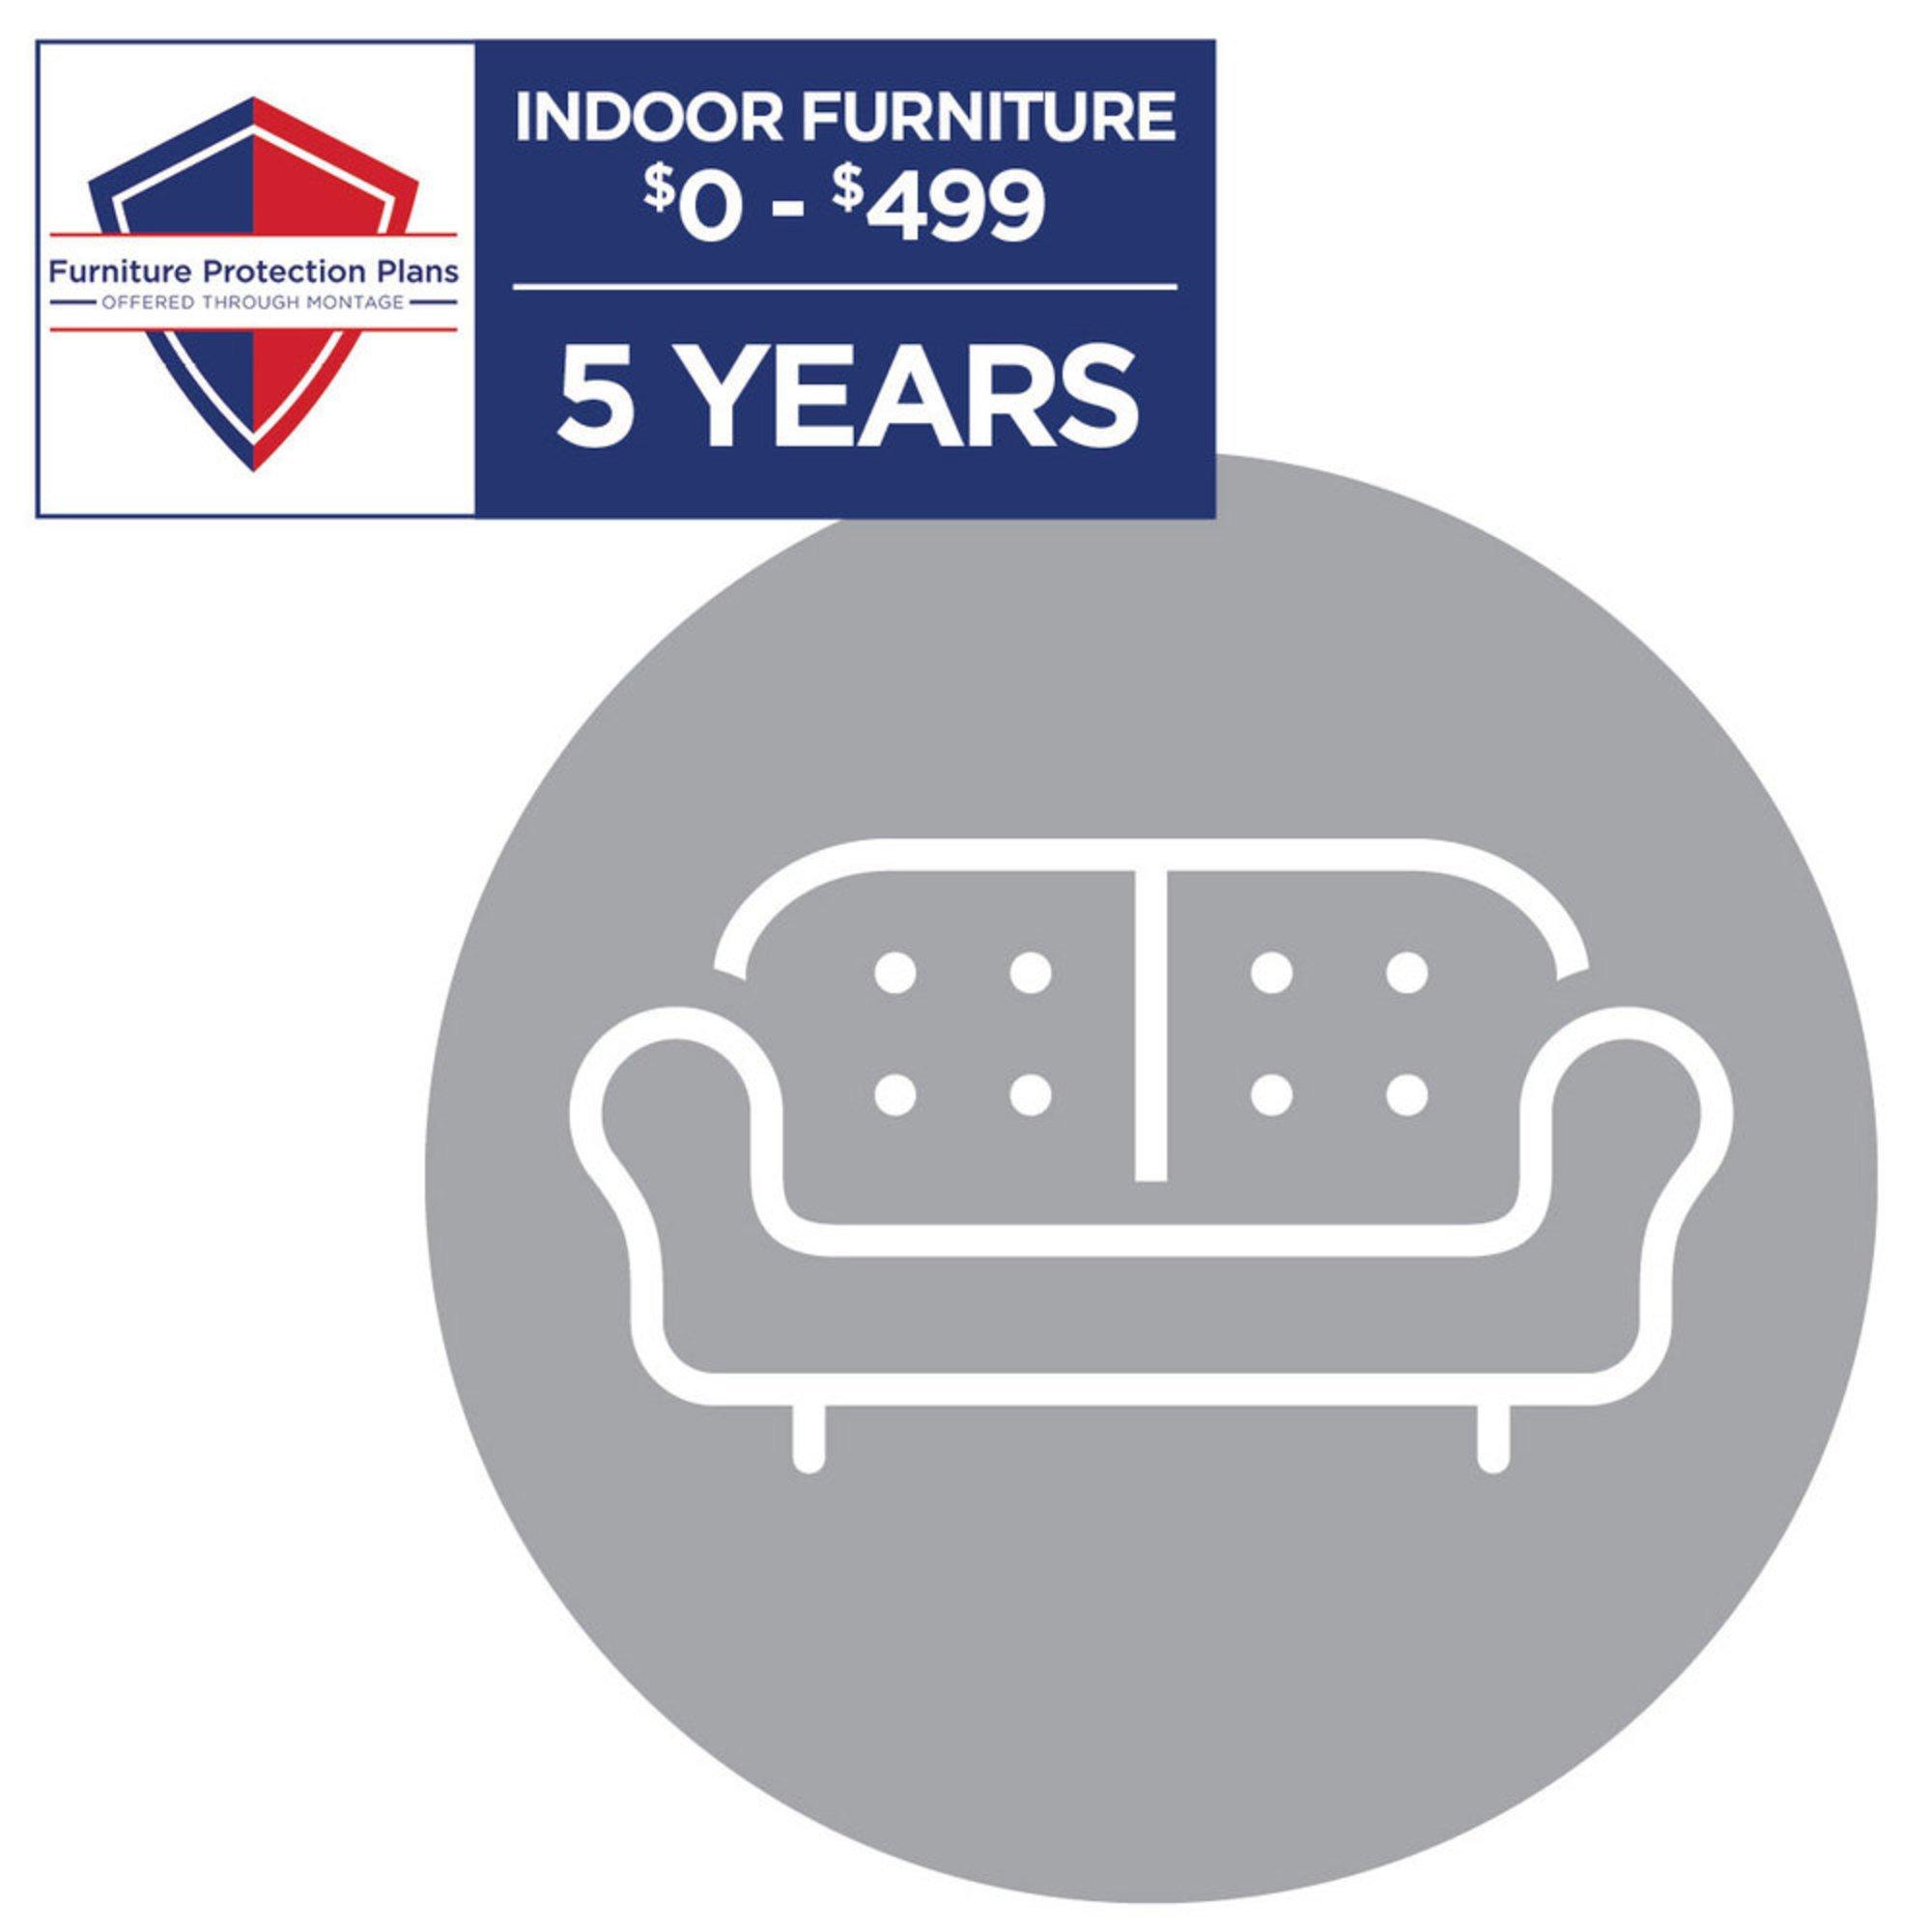 Terrific Montage 5 Year Indoor Furniture Plan 0 499 Montage Uwap Interior Chair Design Uwaporg